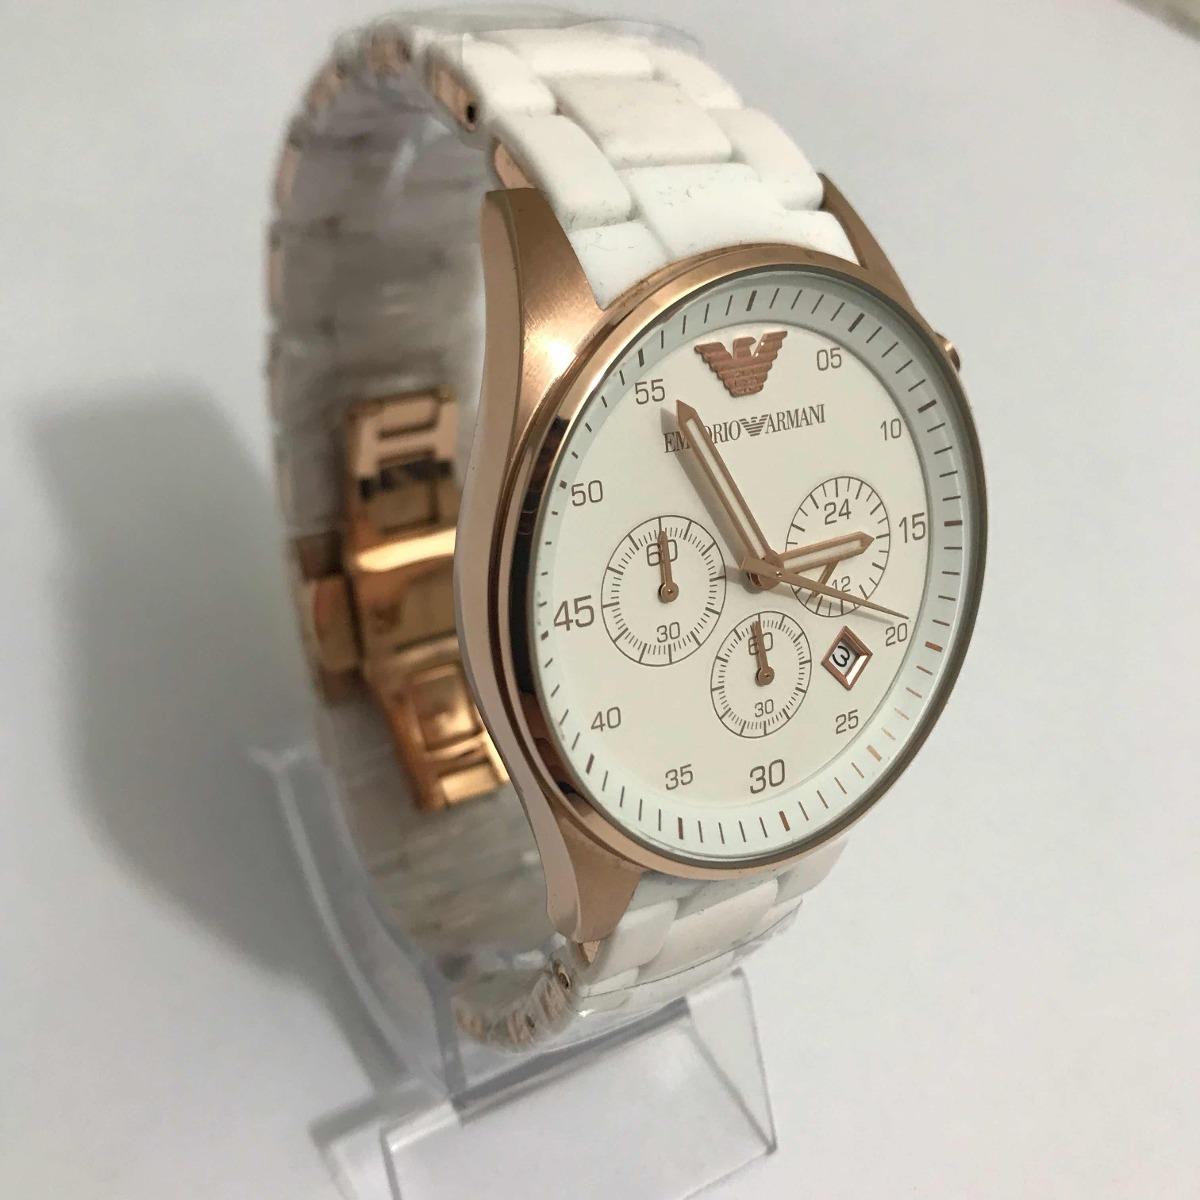 633d639730285 Relógio Emporio Armani Ar-5919 Branco. - R  599,00 em Mercado Livre